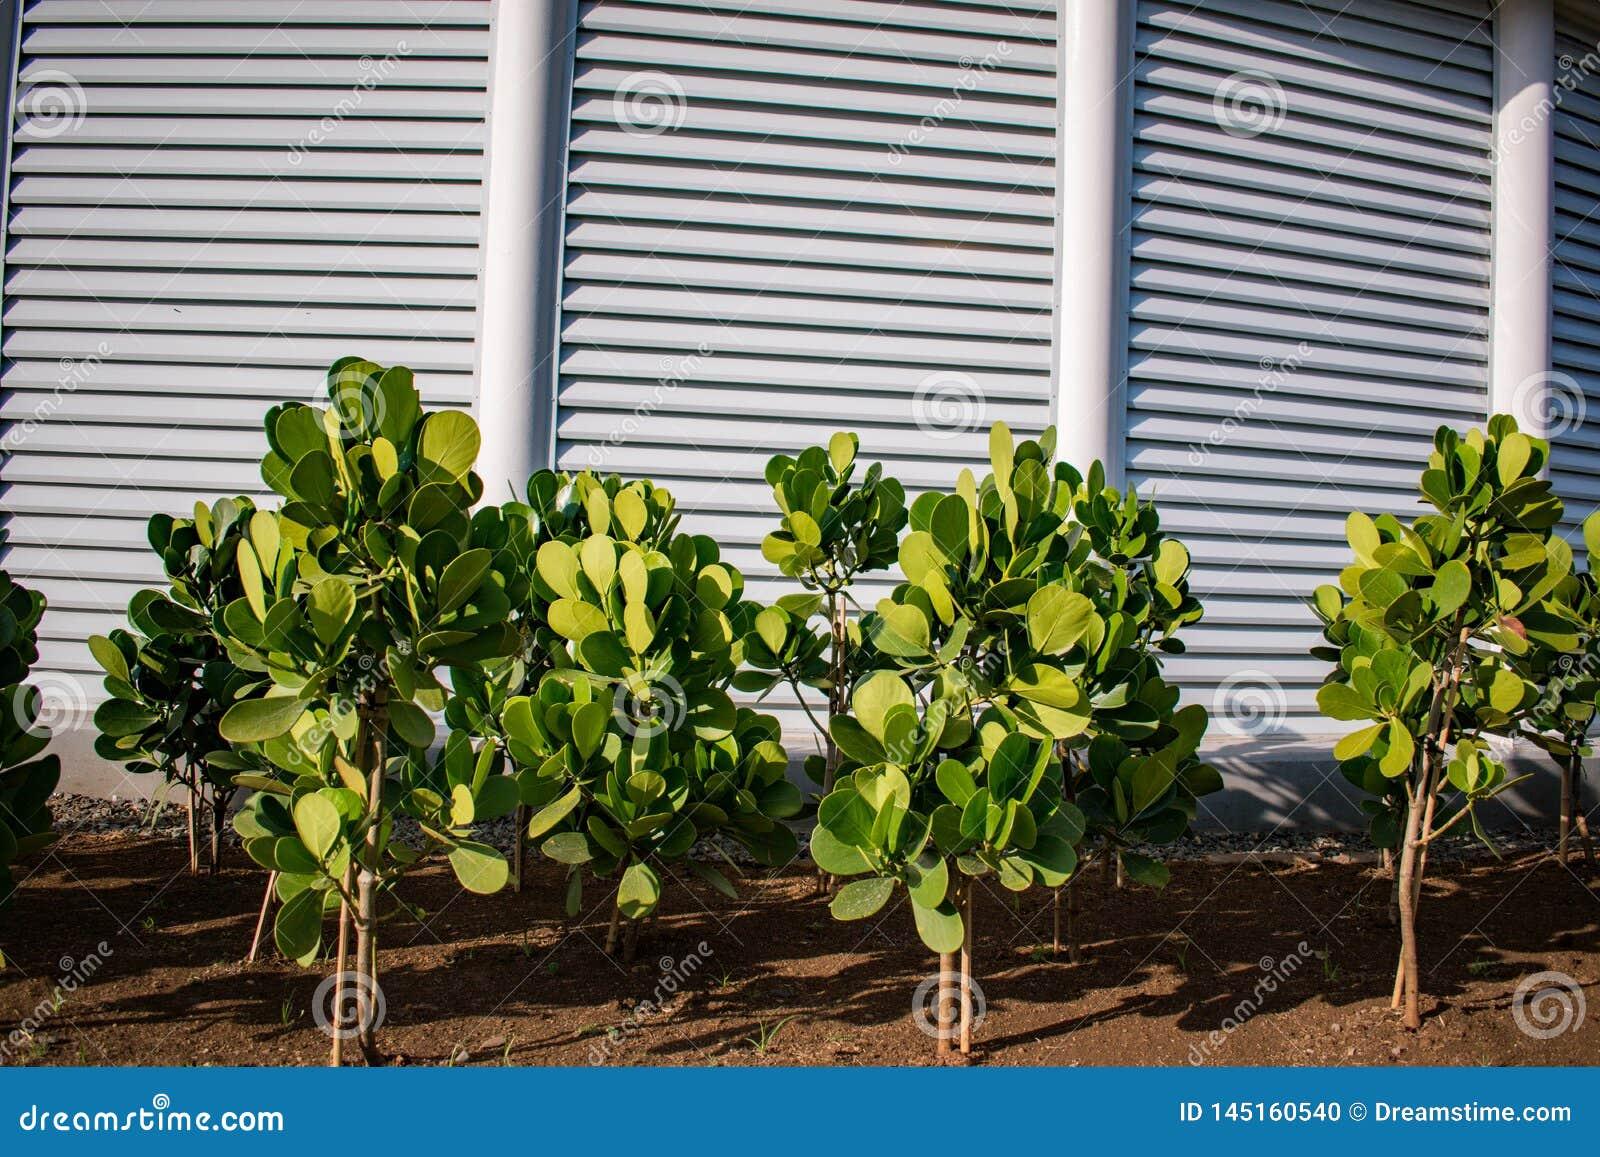 Tuin met groene boomgaard volledige hd